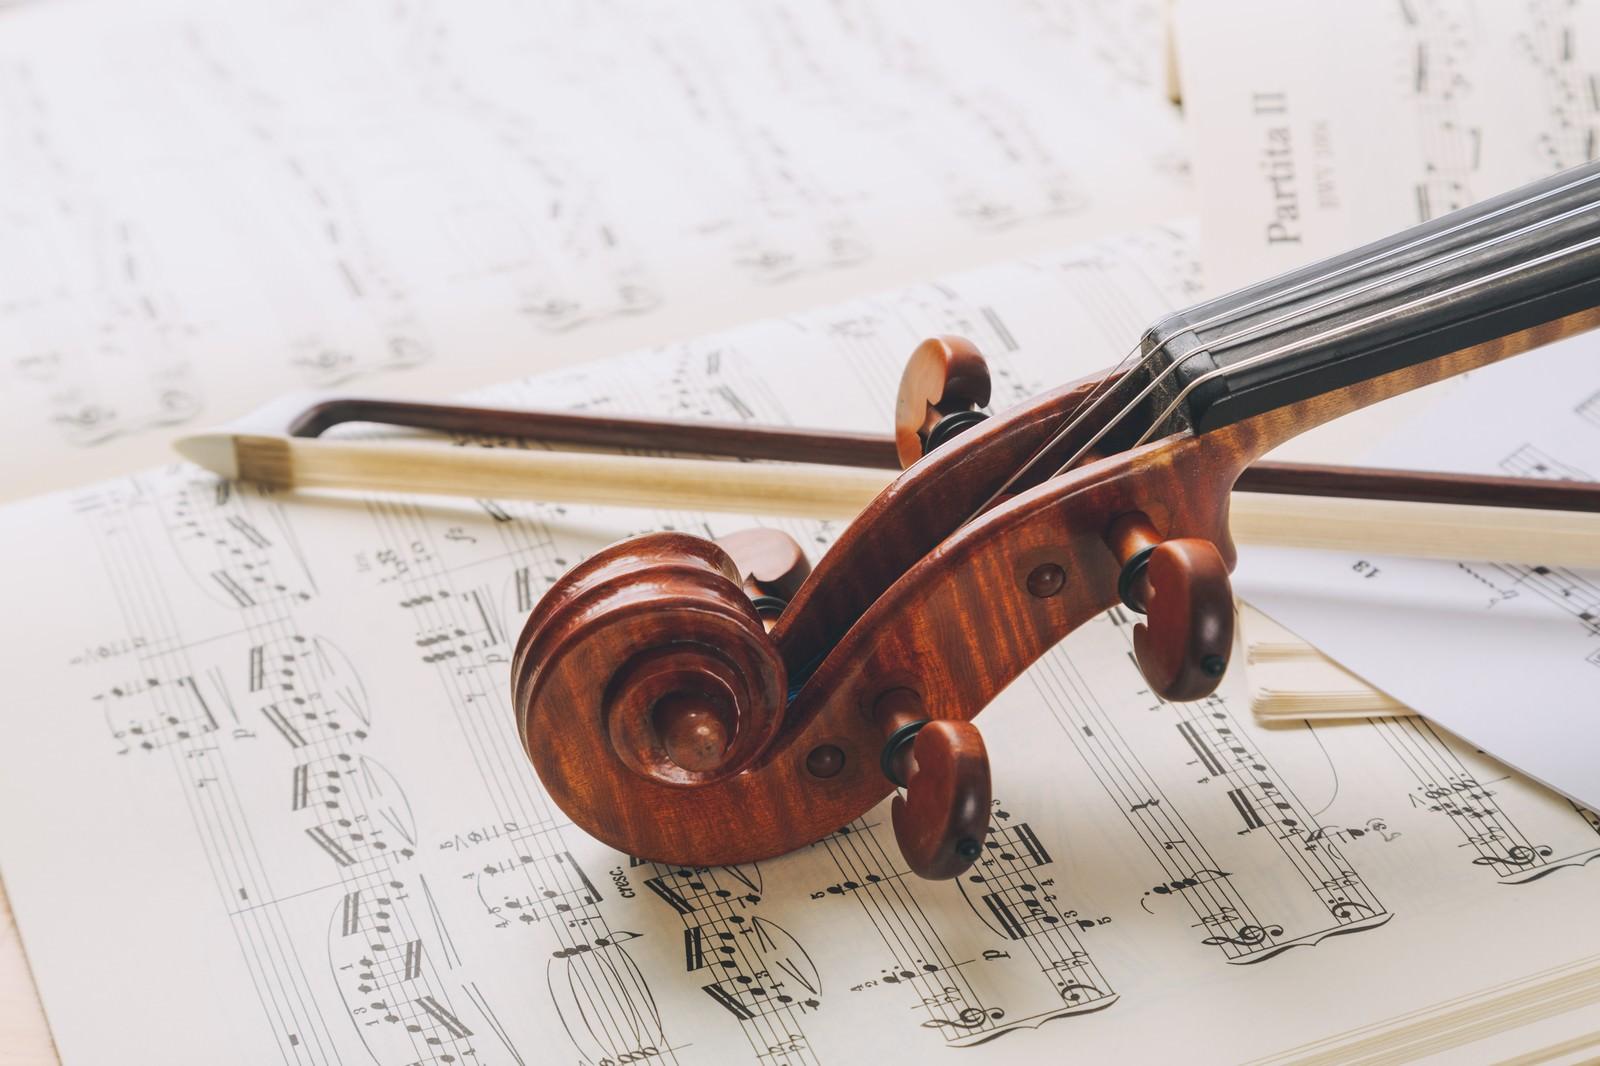 「楽譜の上のヴァイオリンのネックと弓楽譜の上のヴァイオリンのネックと弓」のフリー写真素材を拡大